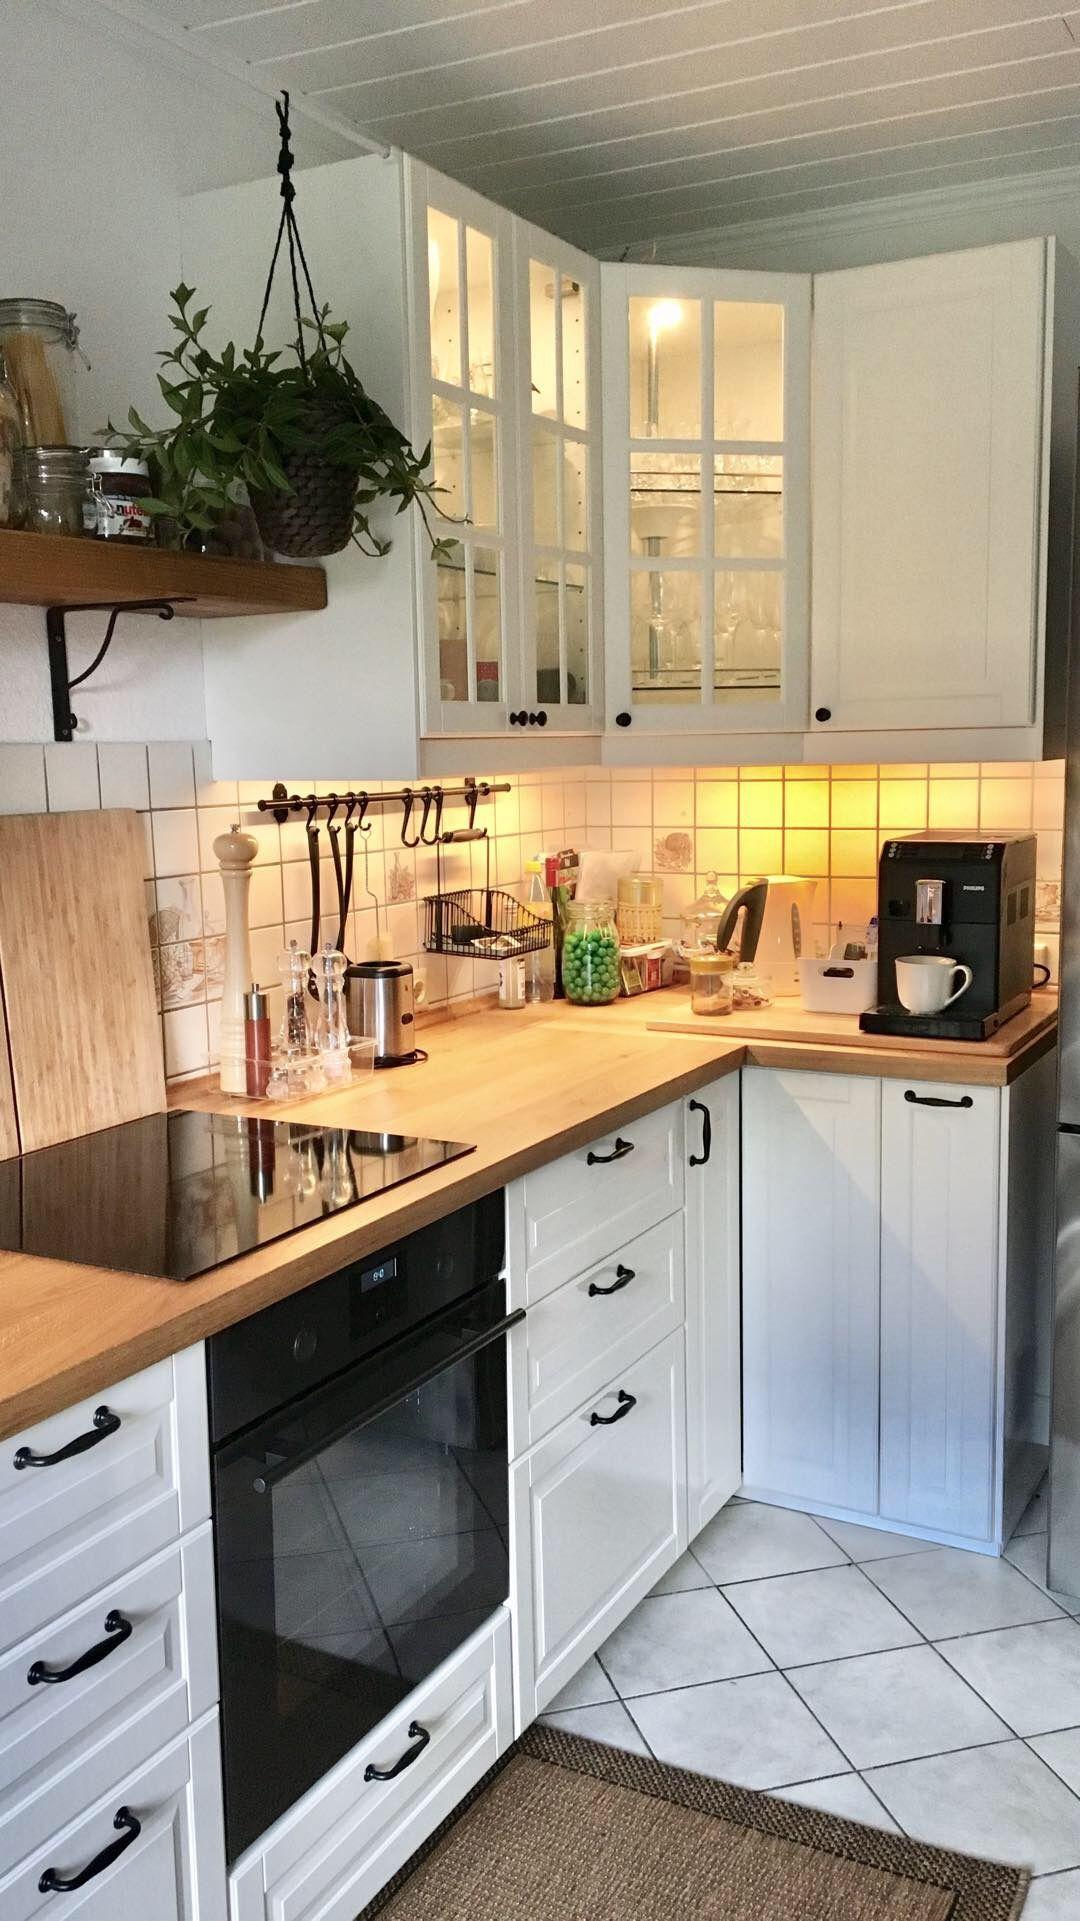 Küche Ikea Nowoczesne Projekty Kuchni W 2019 Kuchnia